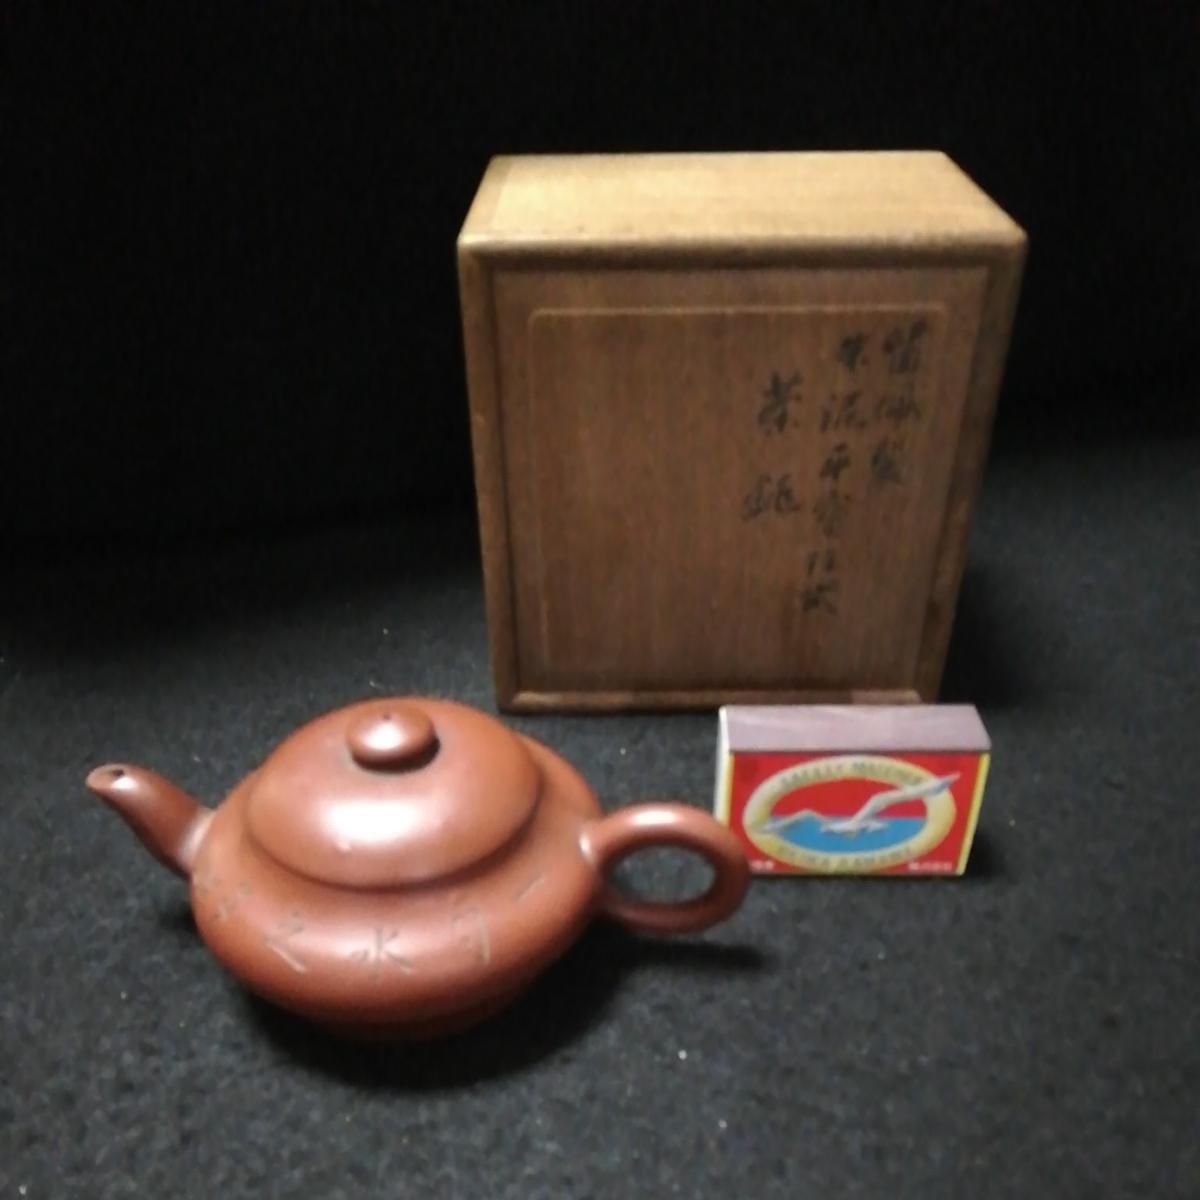 時代 留佩製 朱泥平賽珠式 急須 本家 中国 朝鮮 茶器 茶道具 蔵出し 初出し 古美術 骨董